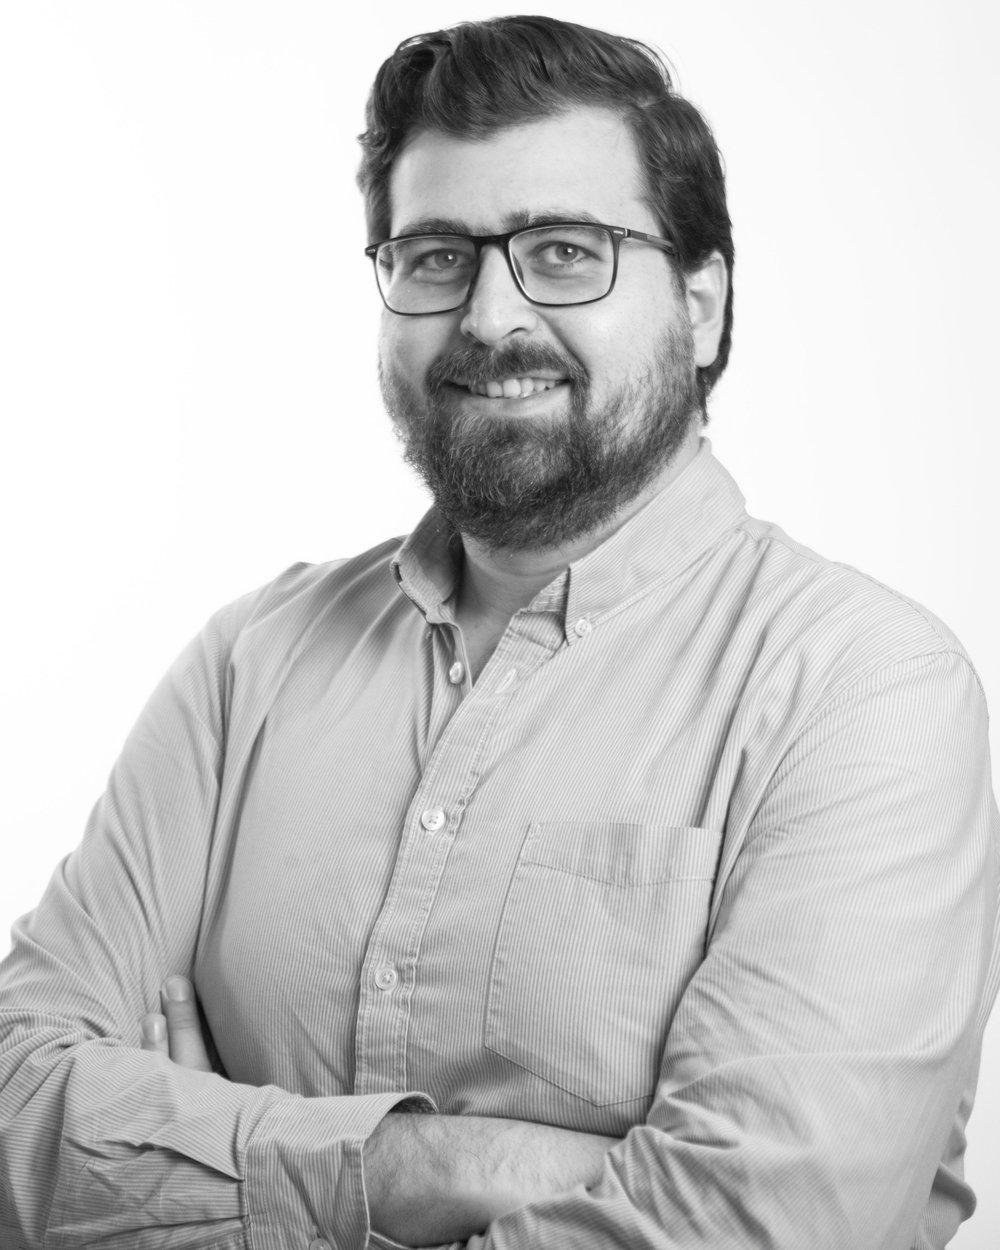 Adnan Qarrash, Operations Manager